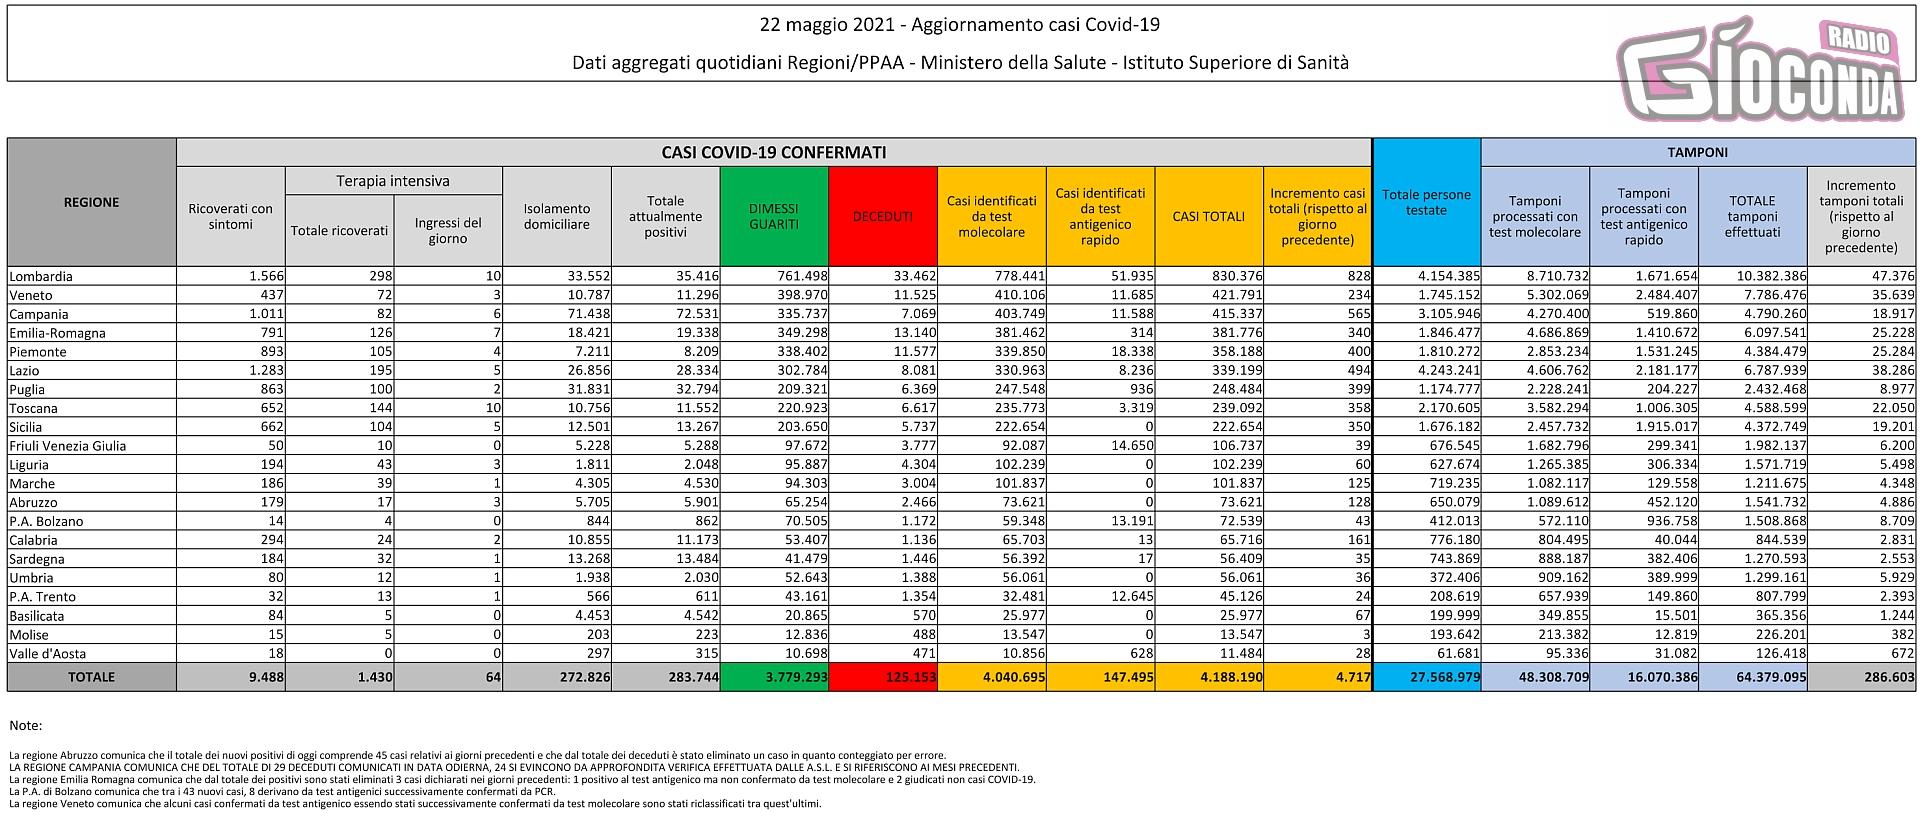 22 maggio 2021 - Aggiornamento casi Covid-19 Dati aggregati quotidiani Regioni/PPAA - Ministero della Salute - Istituto Superiore di Sanità